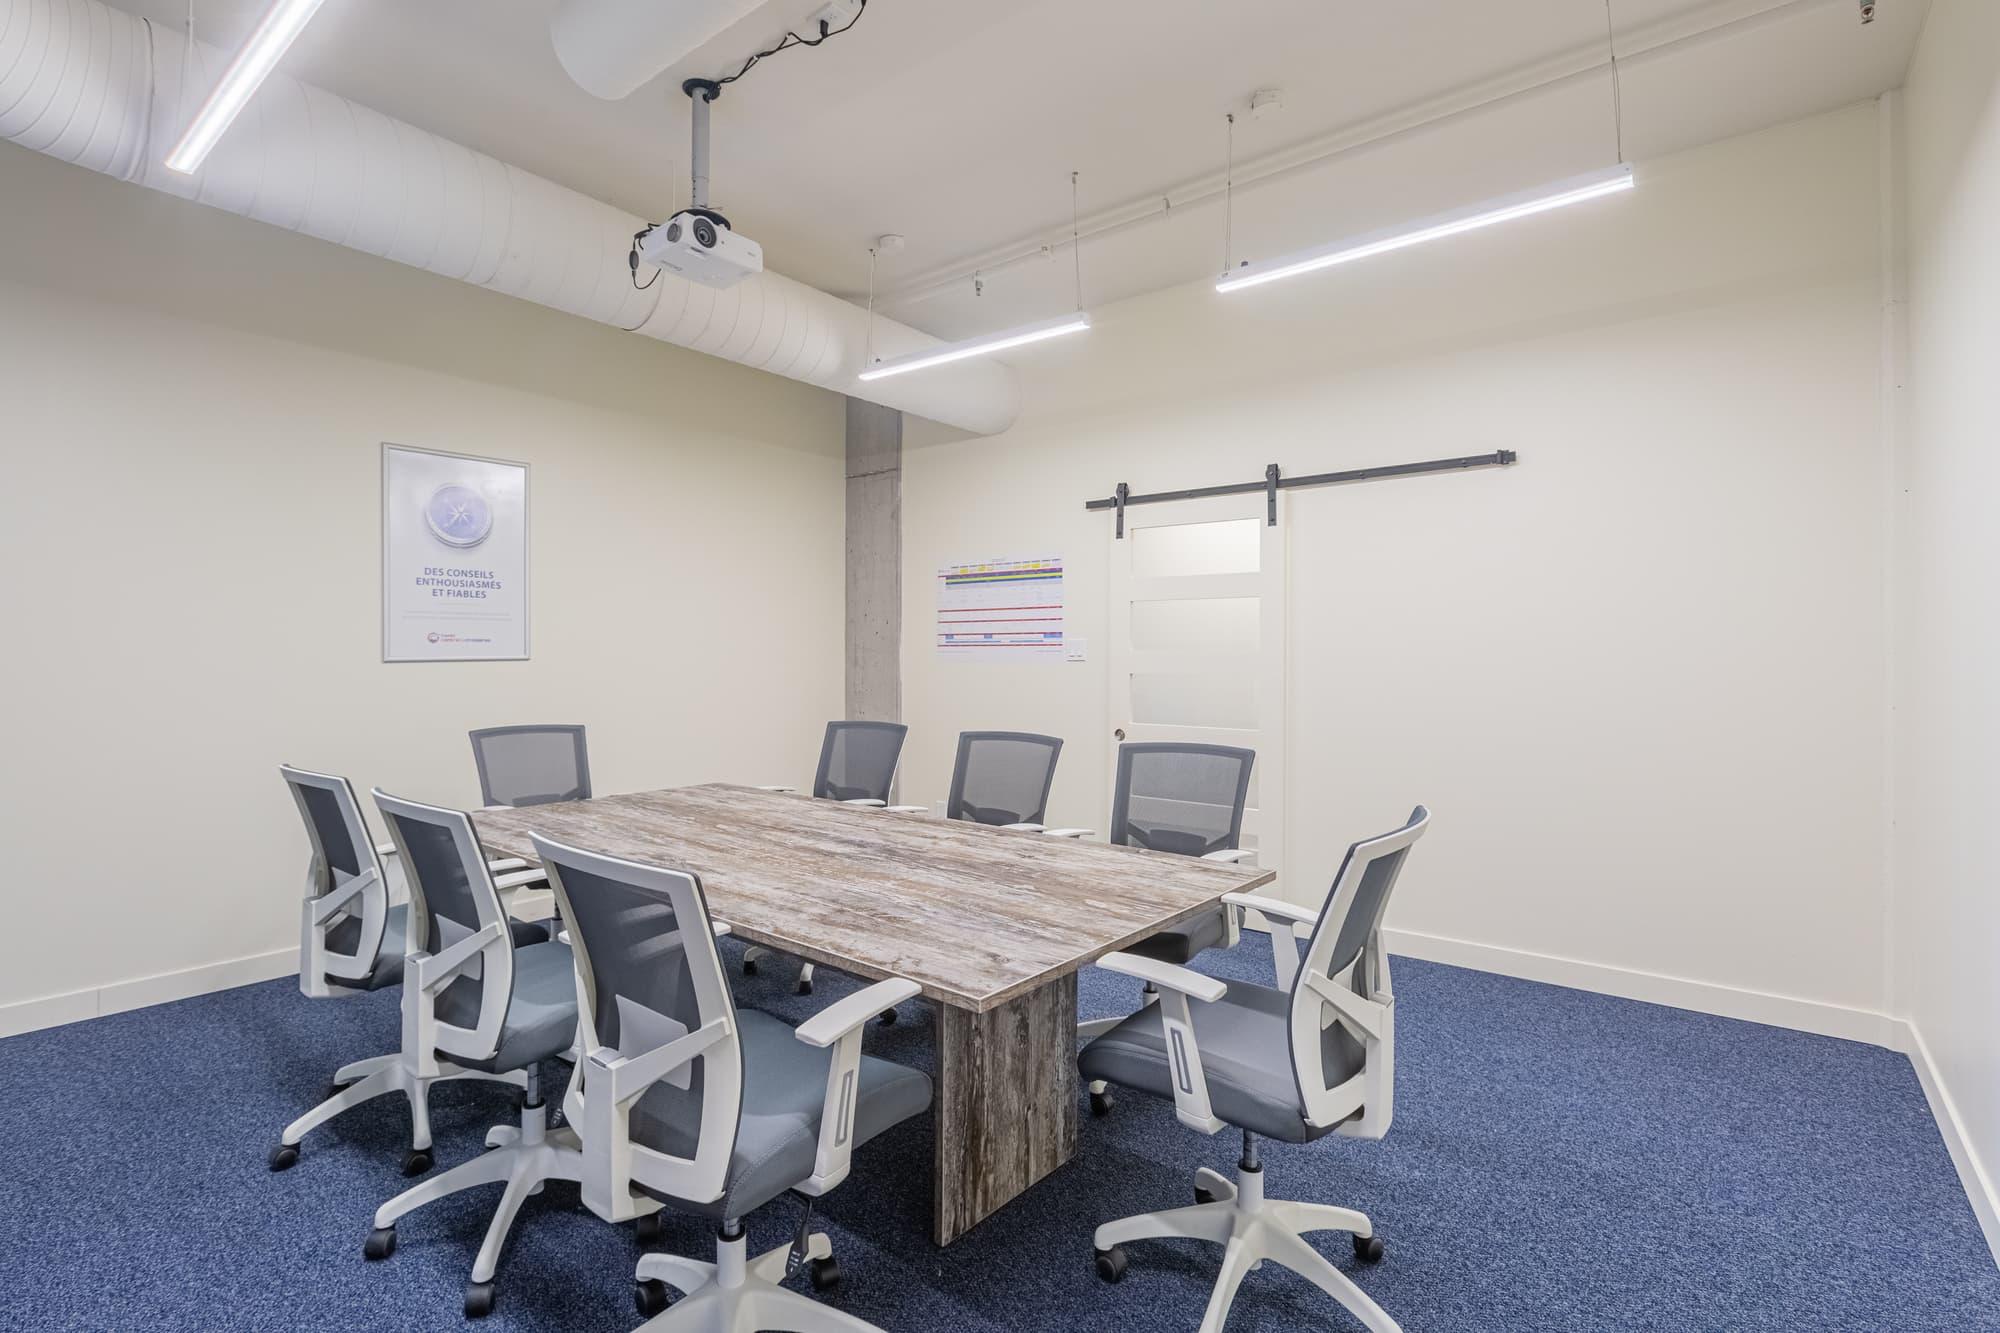 salle de réunion avec table en bois et 8 chaises